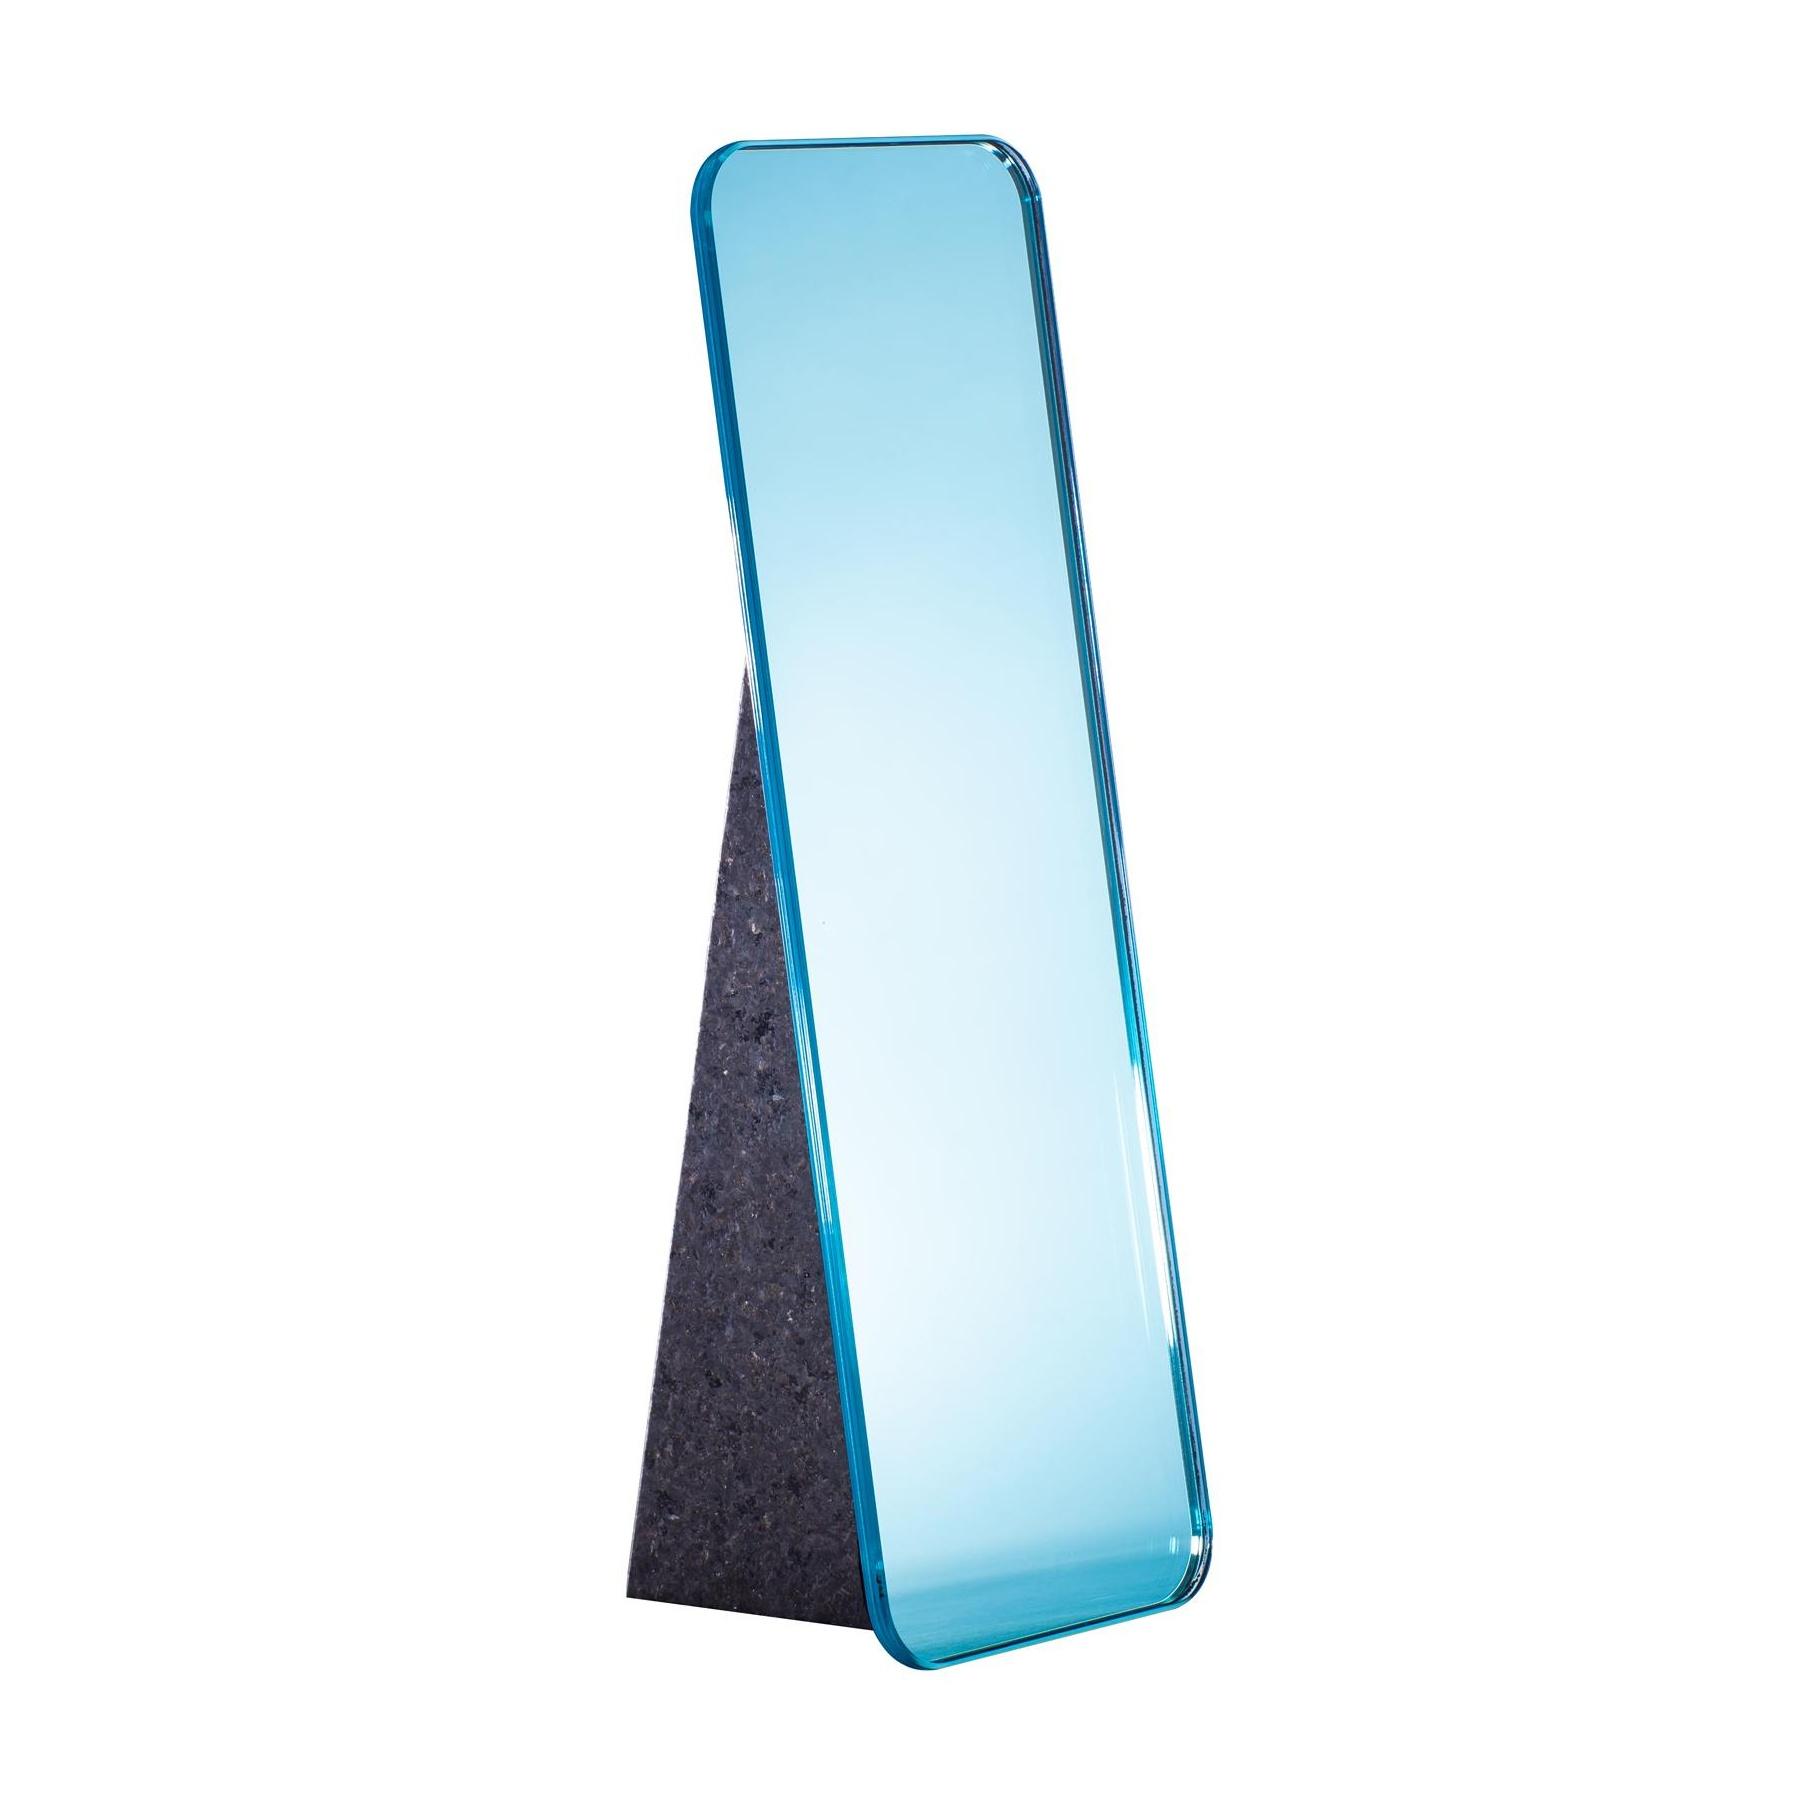 pulpo - Olivia Tischspiegel H 38cm - hellblau/Standfuß schwarz/LxBxH 15x13x38cm | Flur & Diele > Spiegel > Standspiegel | pulpo